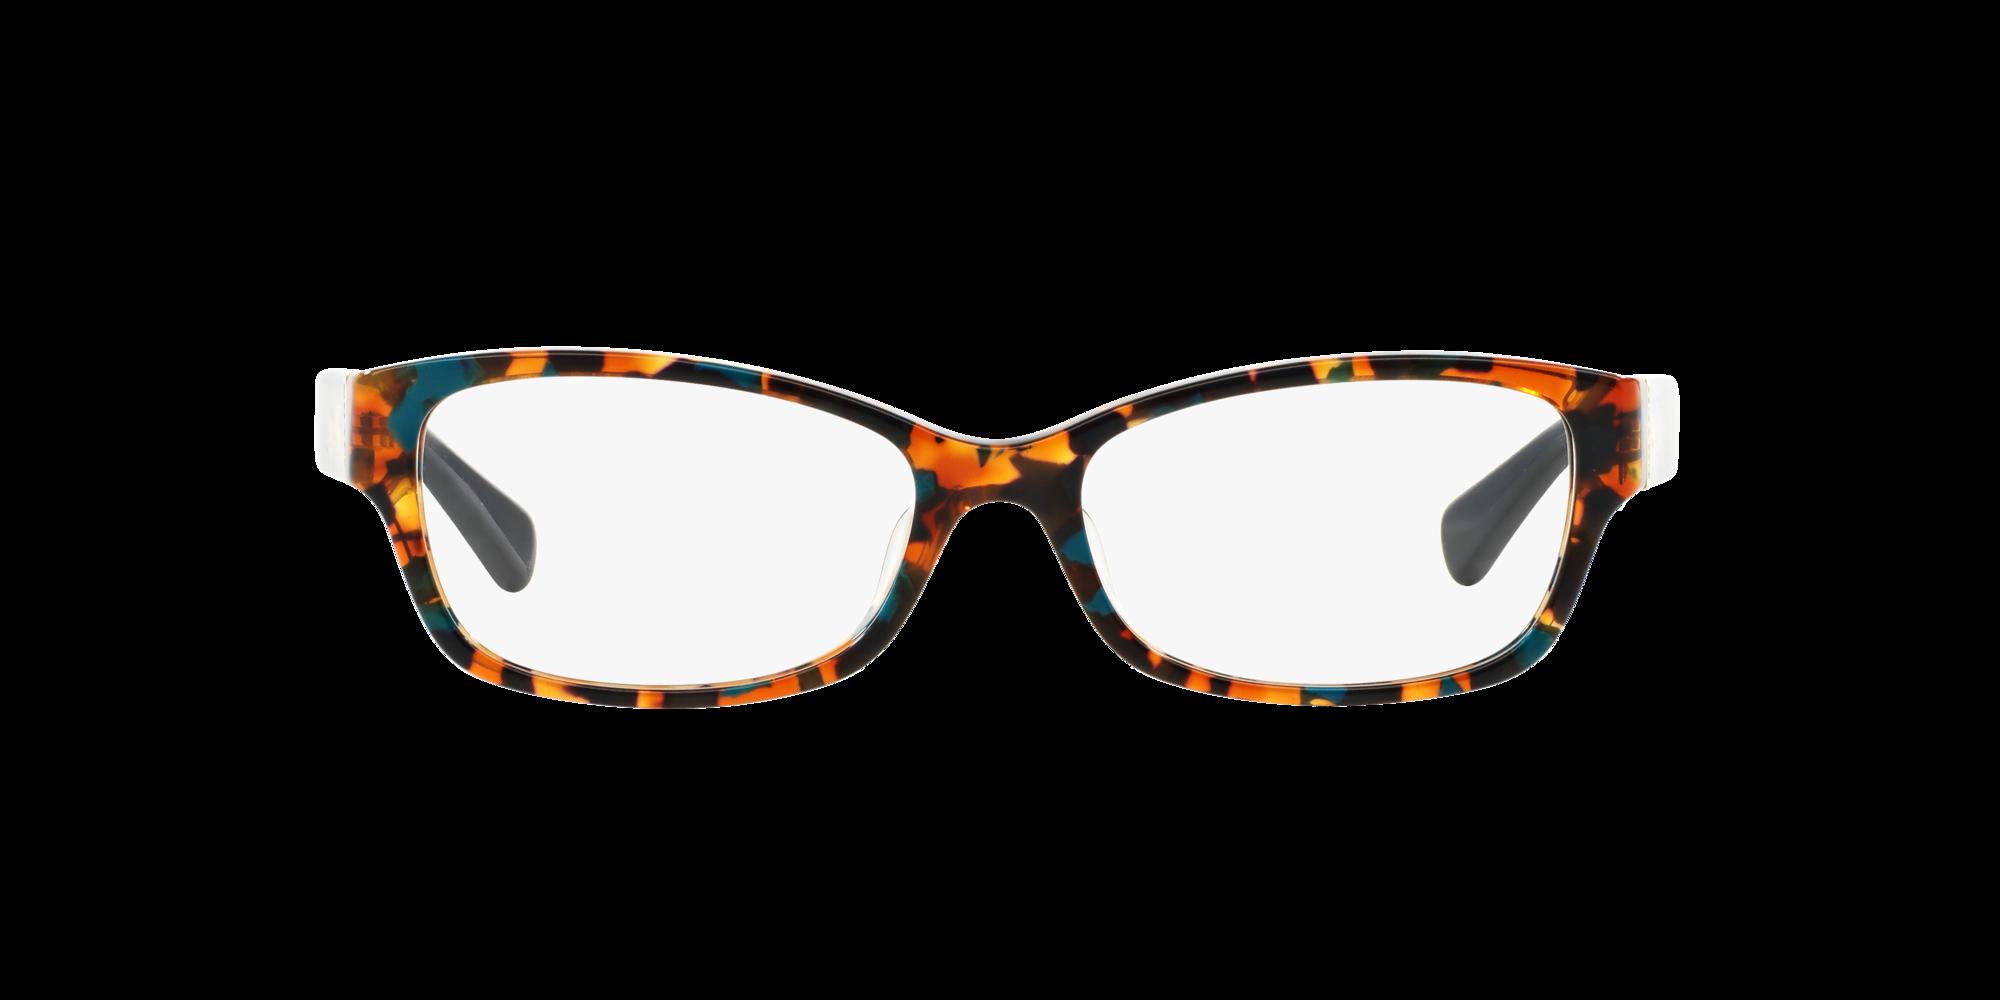 Imagen para HC6078 de LensCrafters |  Espejuelos, espejuelos graduados en línea, gafas